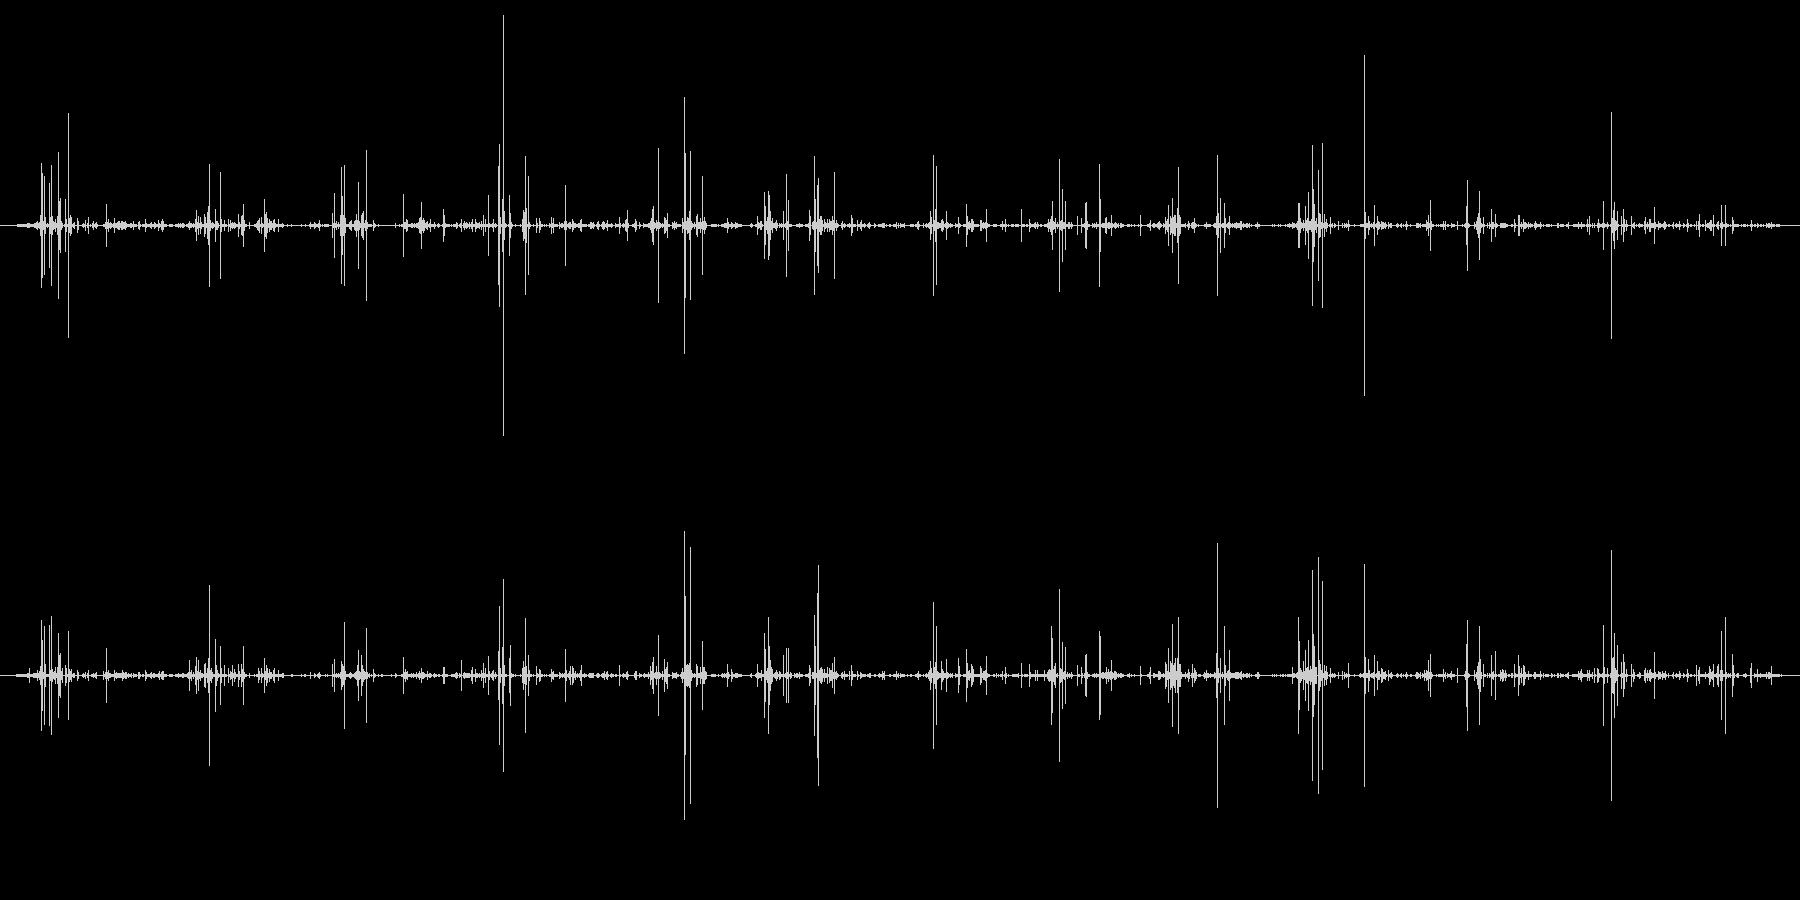 木 竹クラックシーケンス03の未再生の波形